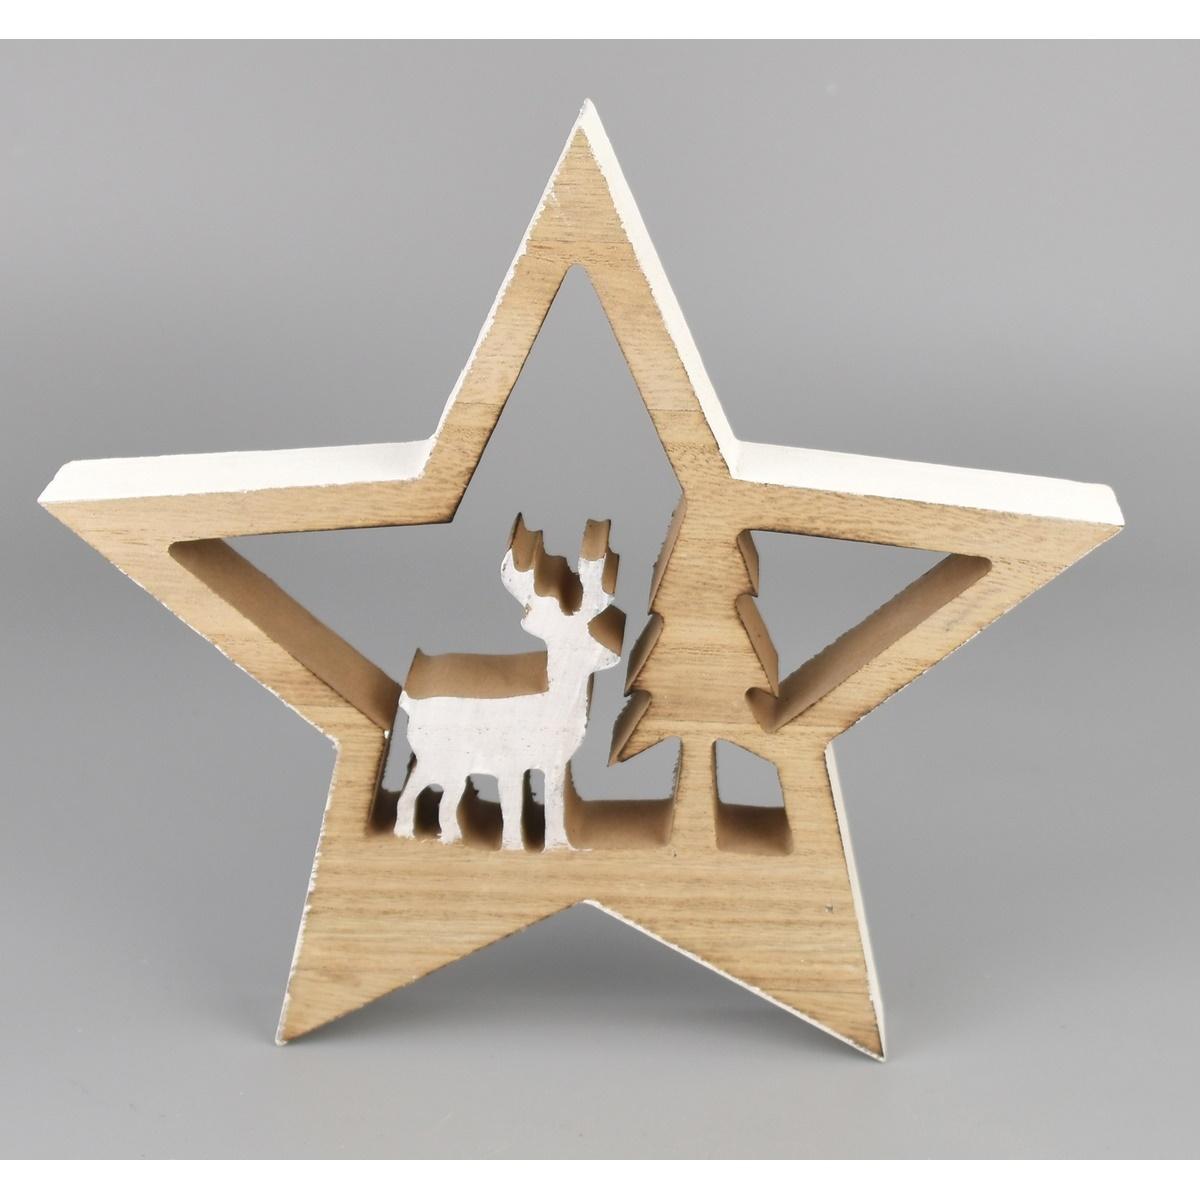 Vánoční dekorace Hvězda s jelenem, 11 x 15 cm